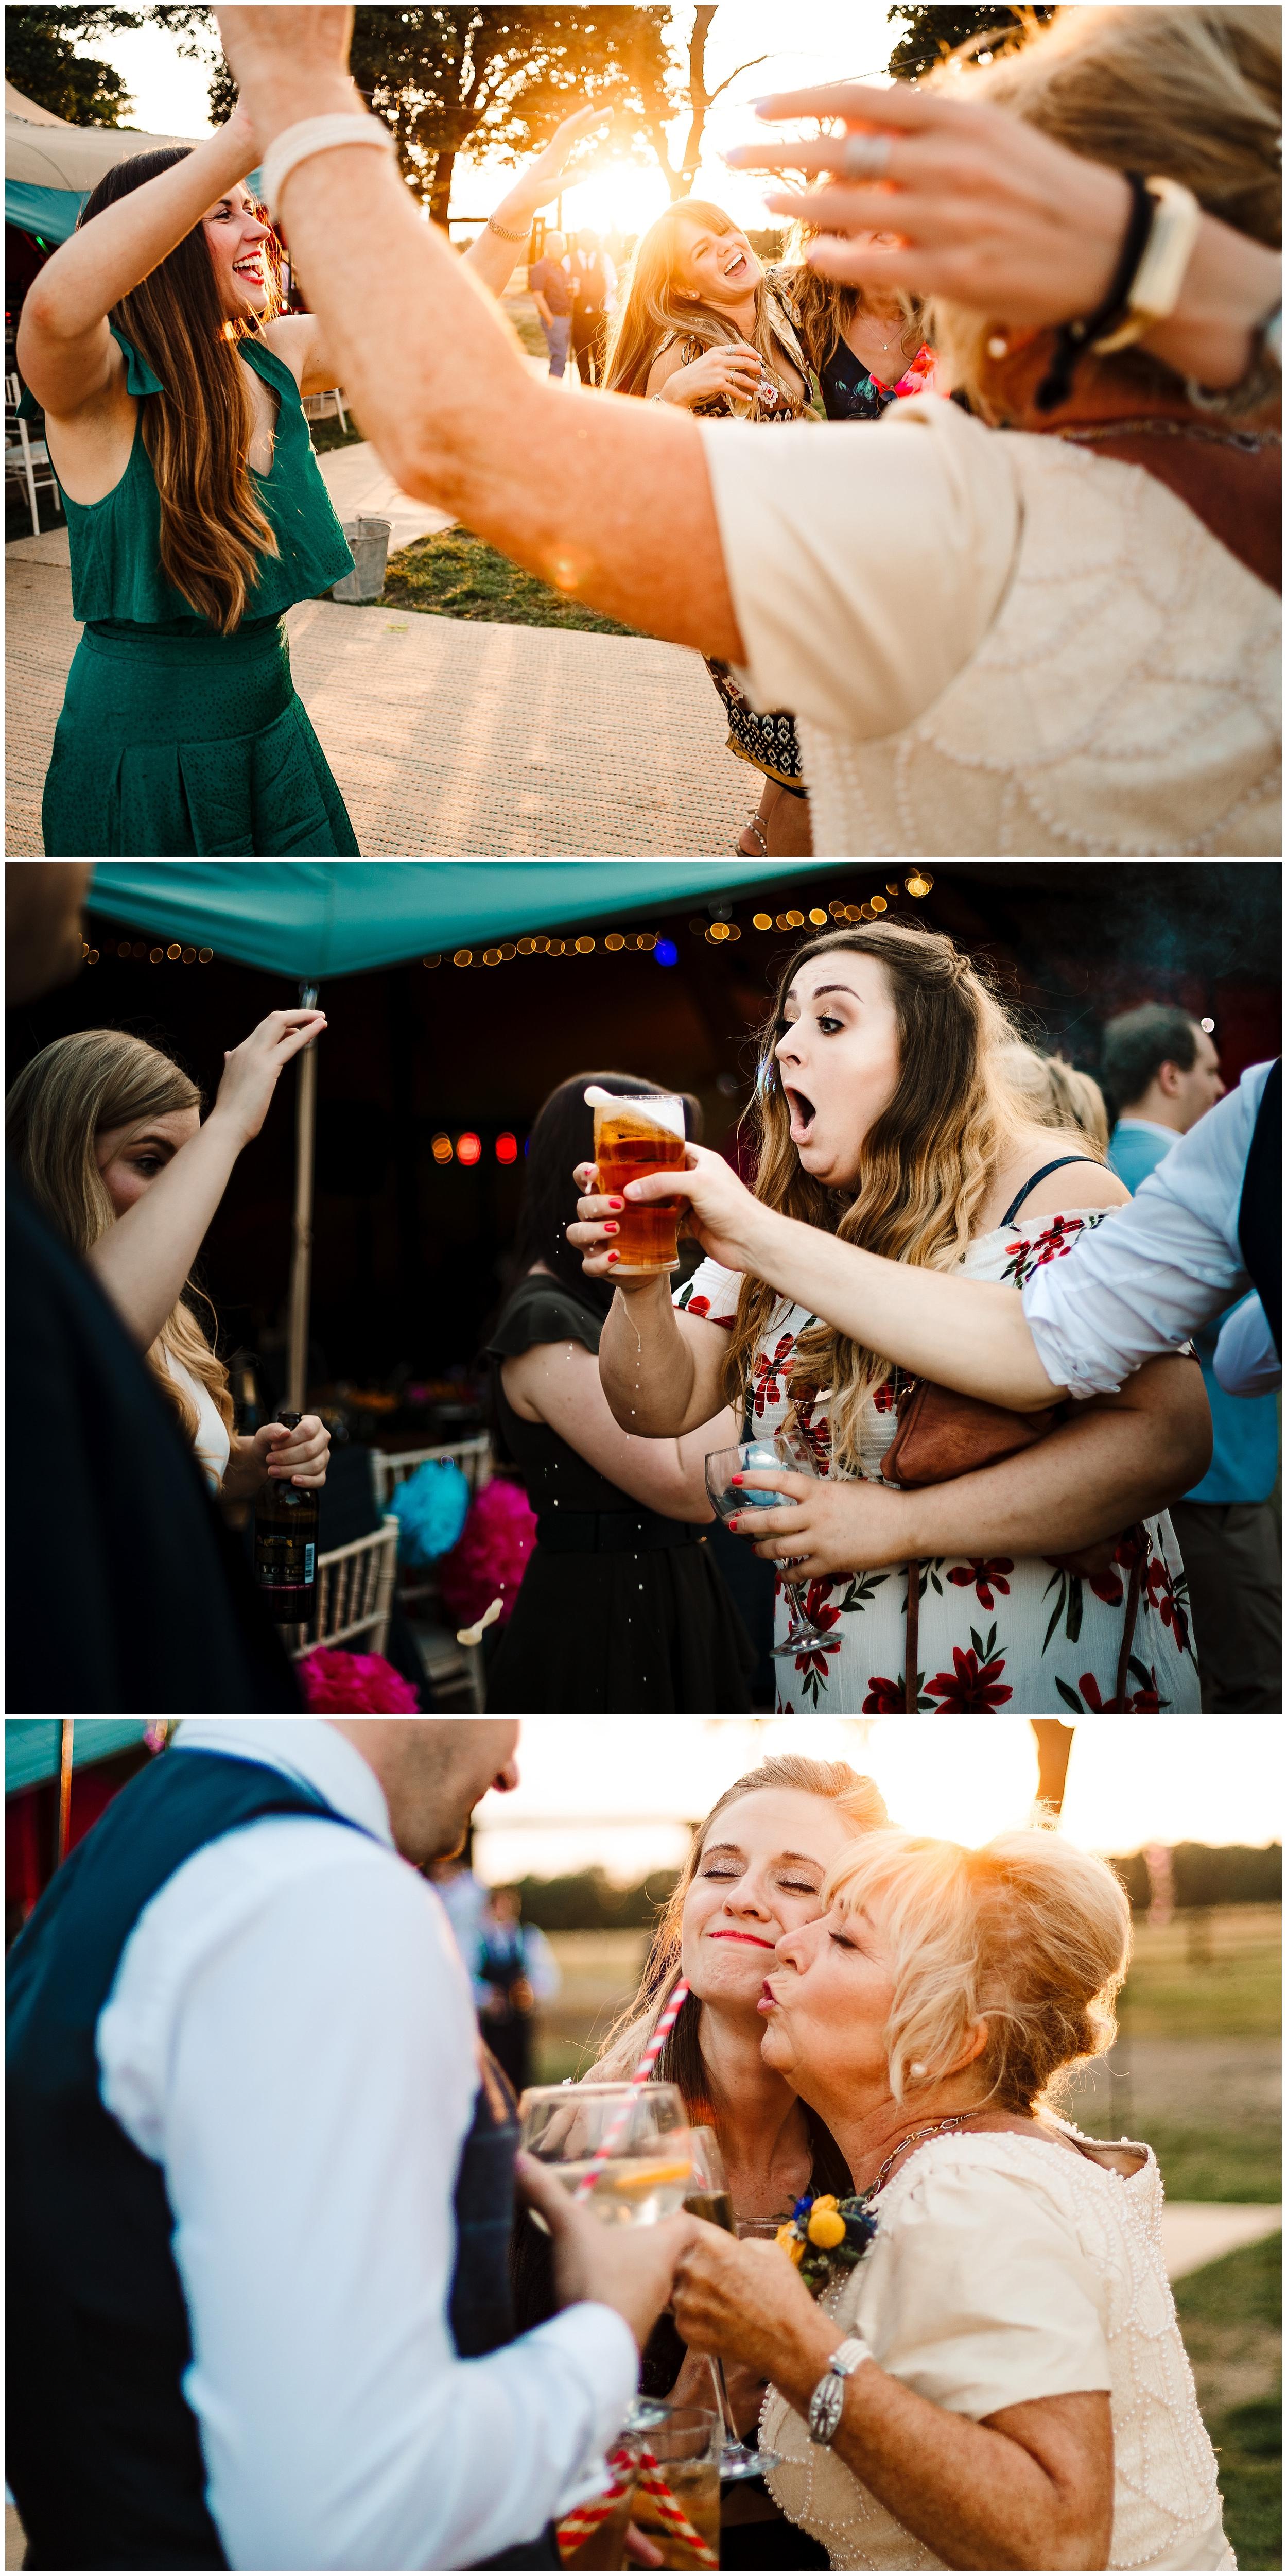 guests having fun and dancing at a tipi wedding at sunset